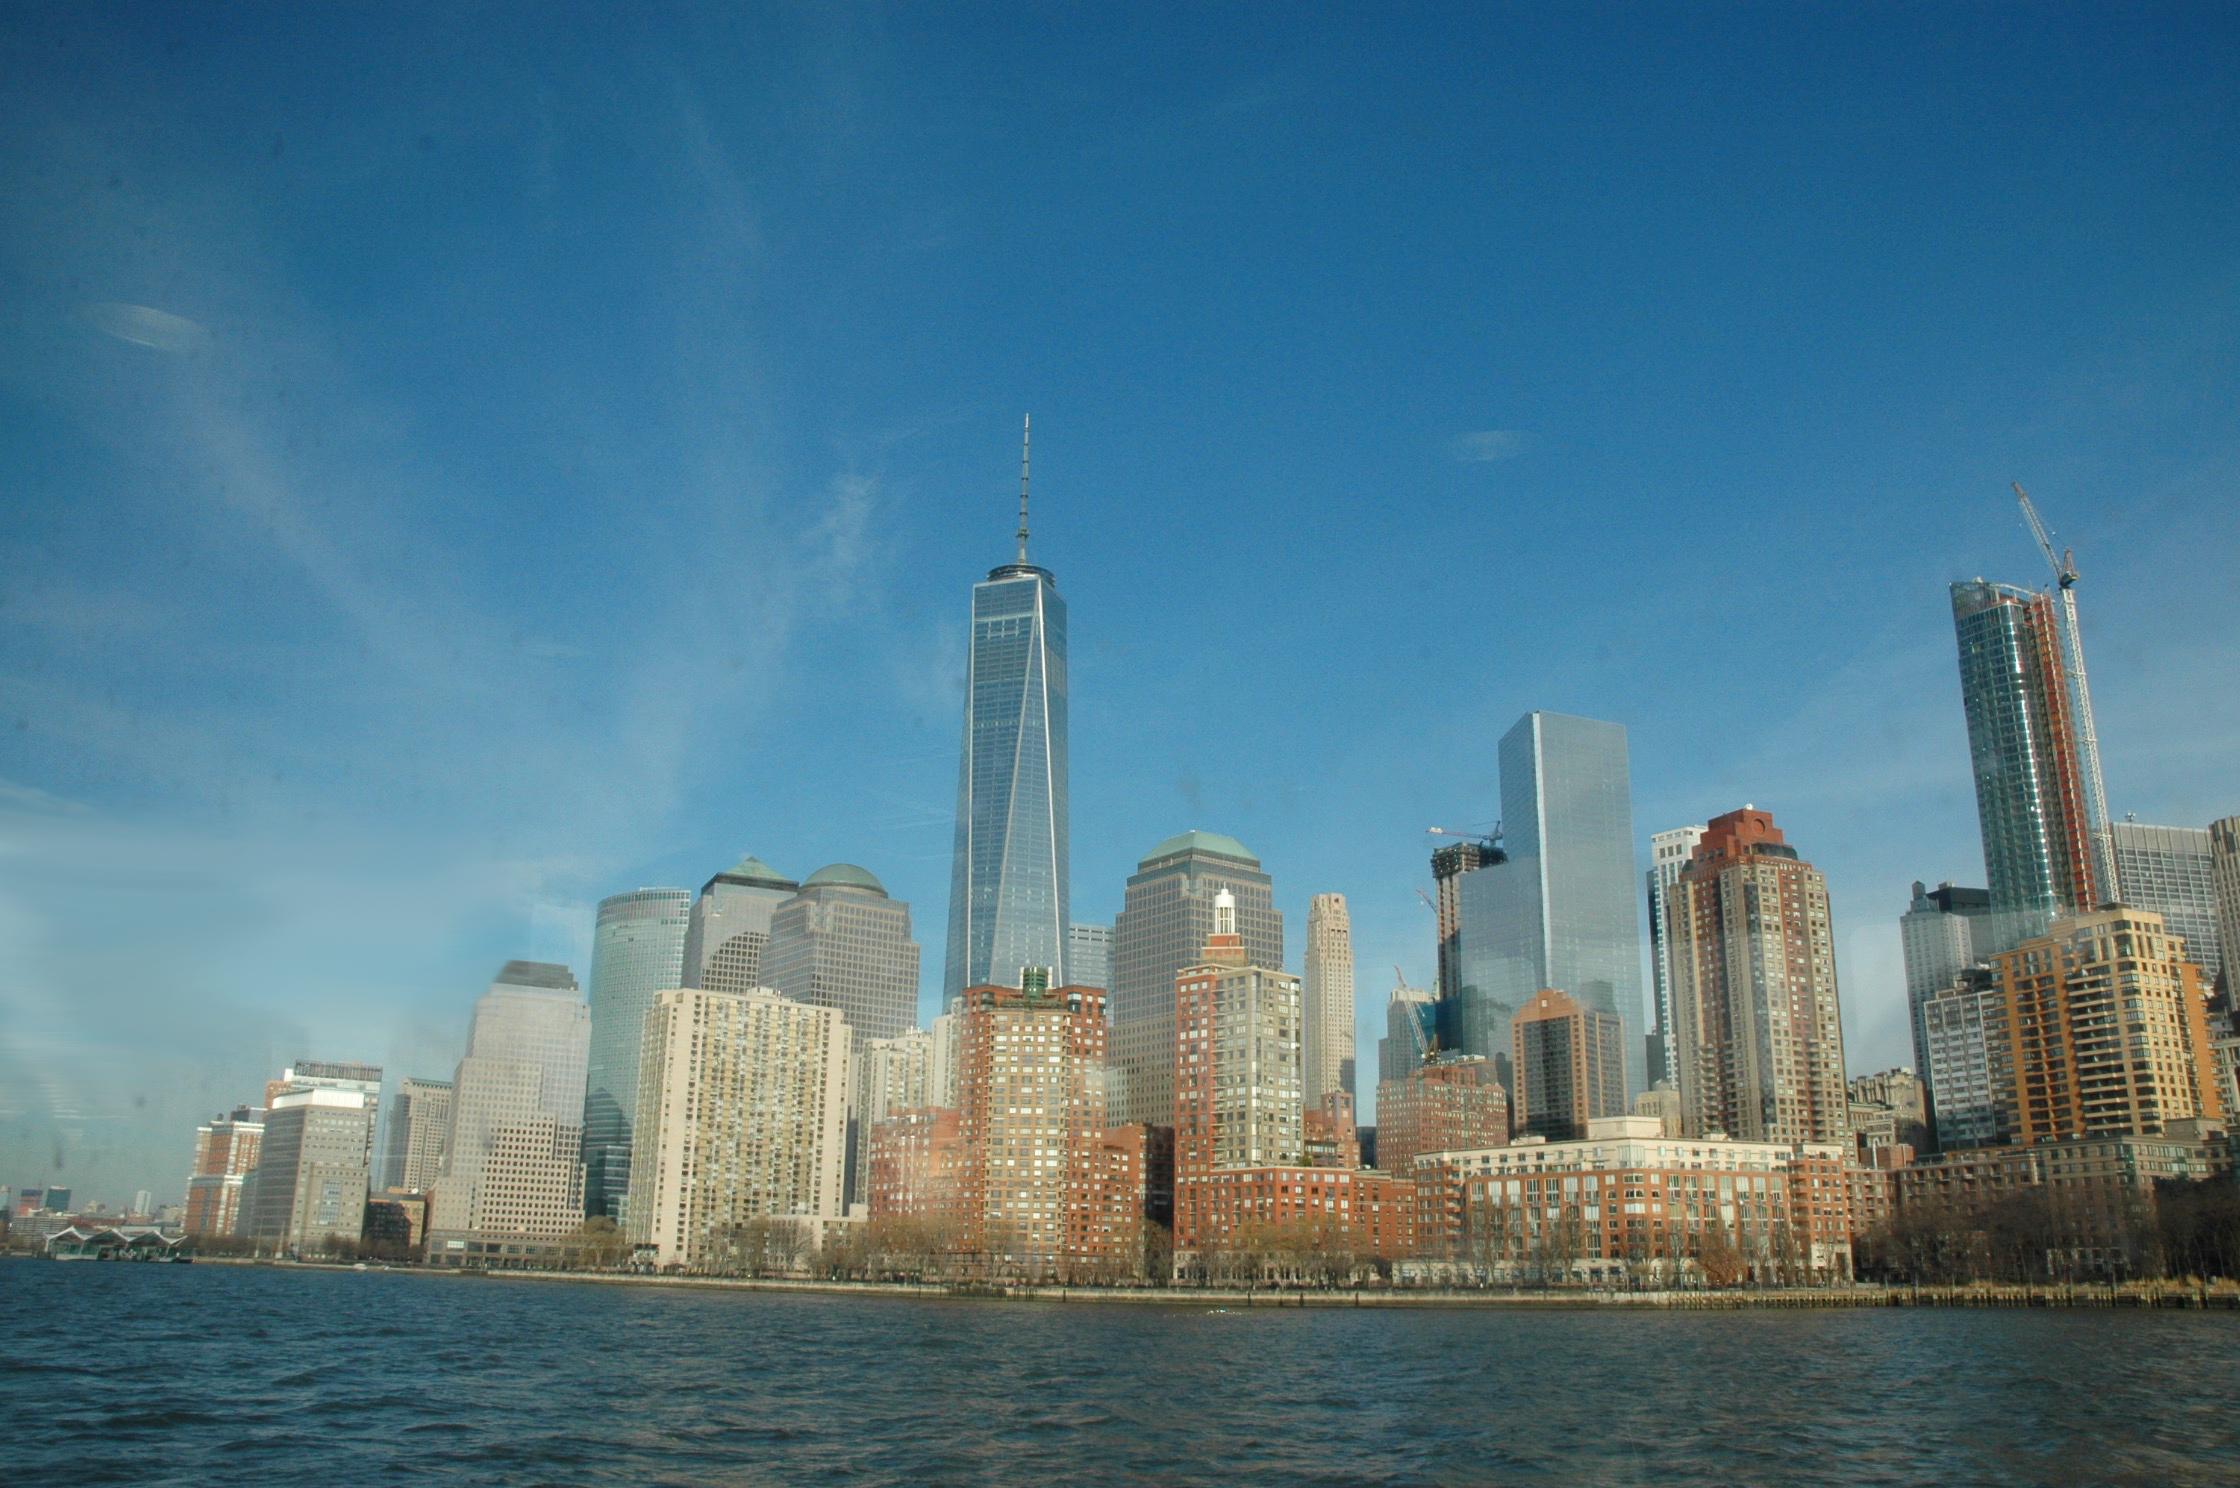 One Day Tour New York To Washington